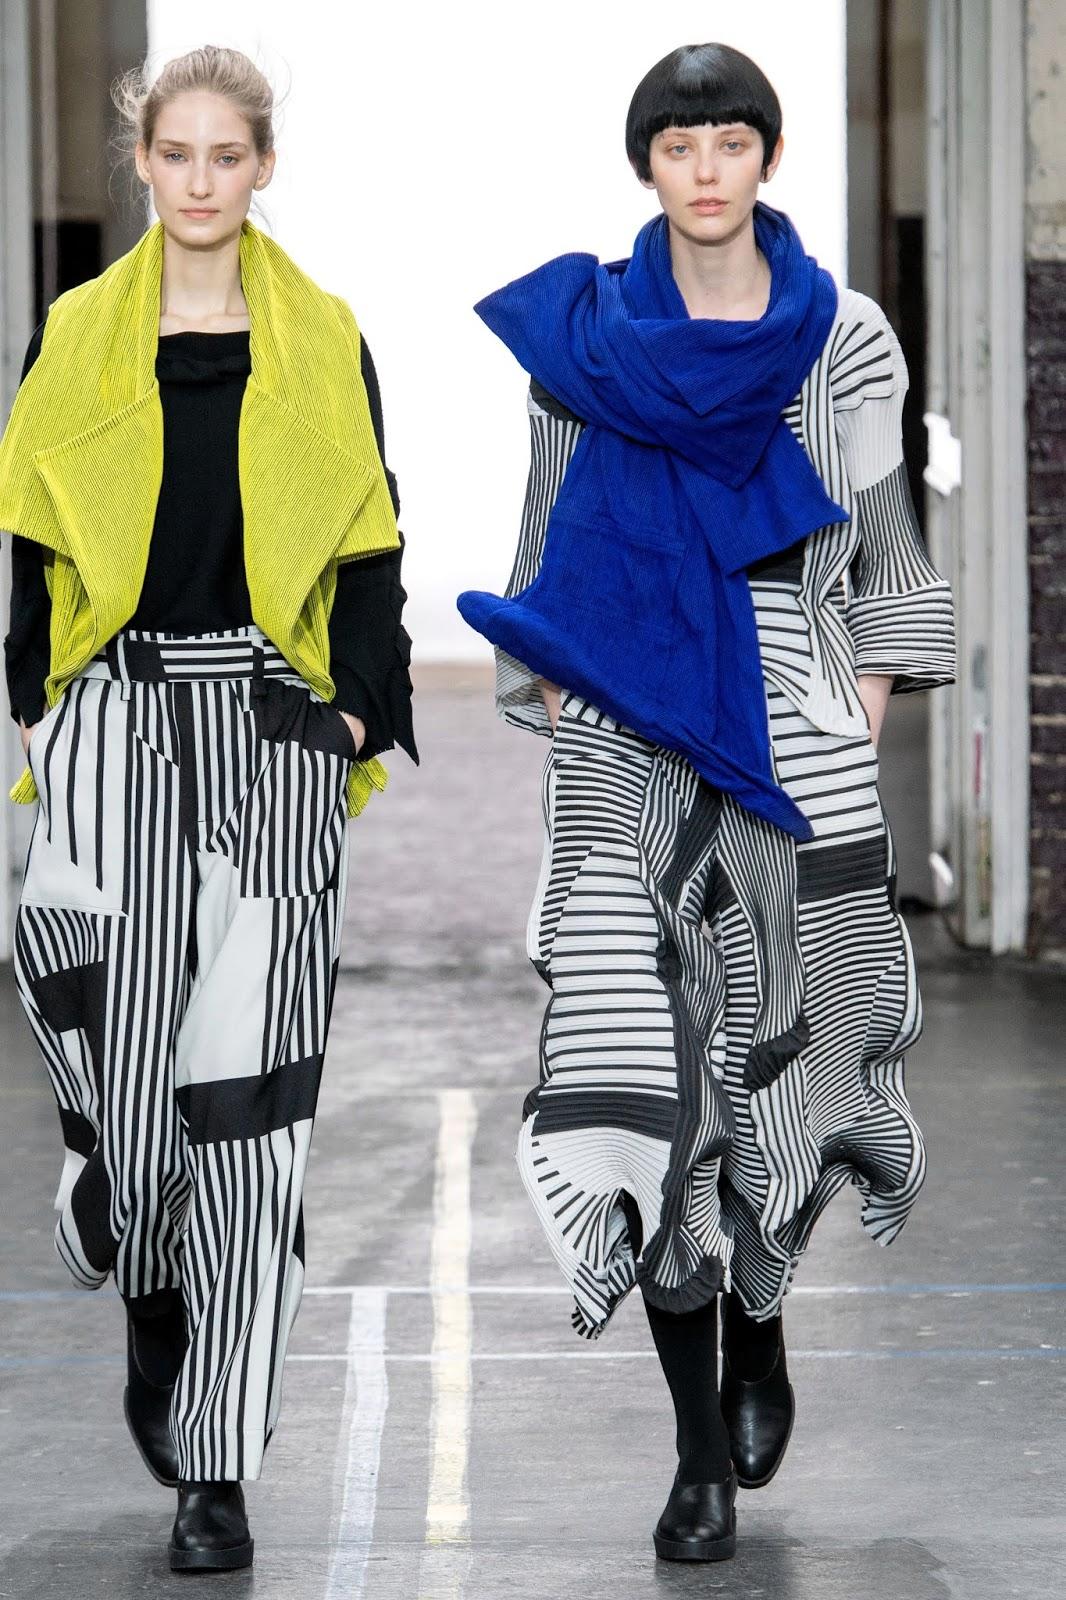 482a742f0c19a PFW FW 2019/2020: Issey Miyake - High on Fashion